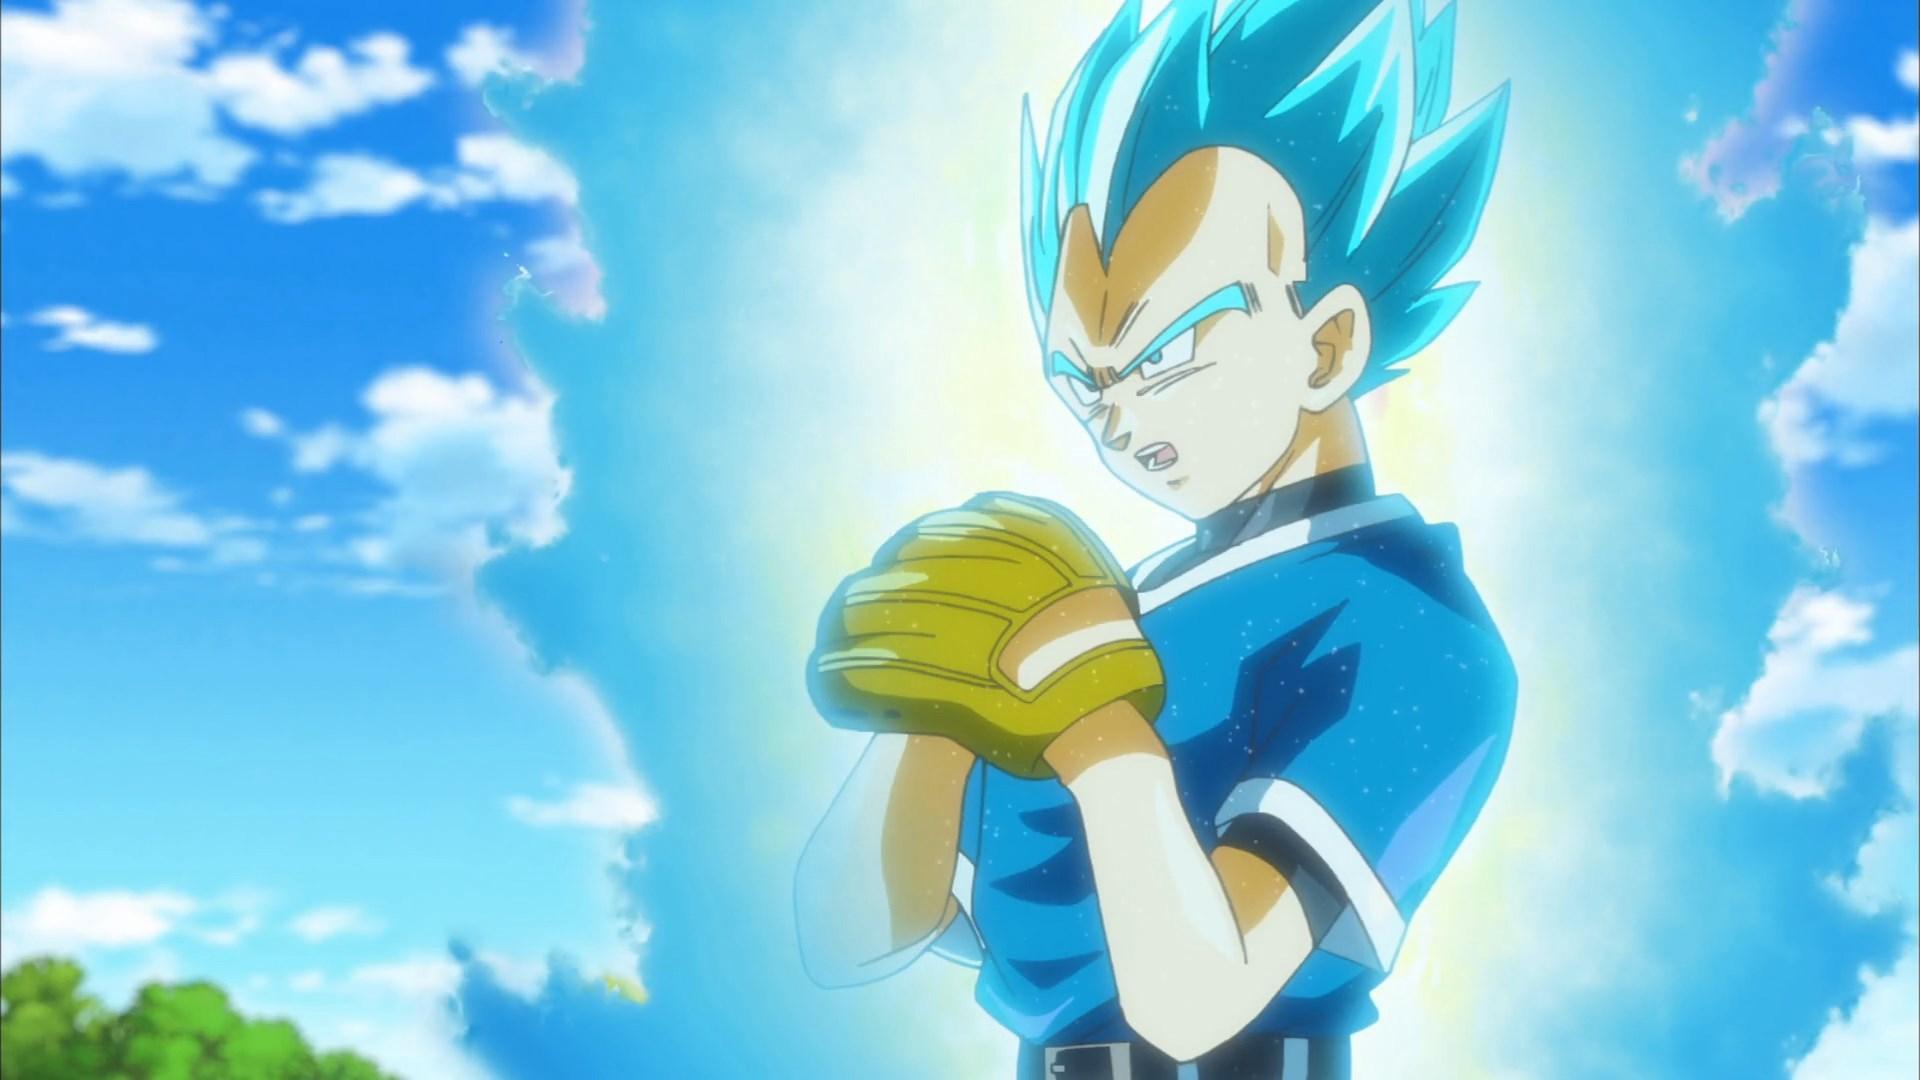 [DS] Dragon Ball Super 070 [1080p].mkv_snapshot_15.14_[2016.12.11_03.51.04]